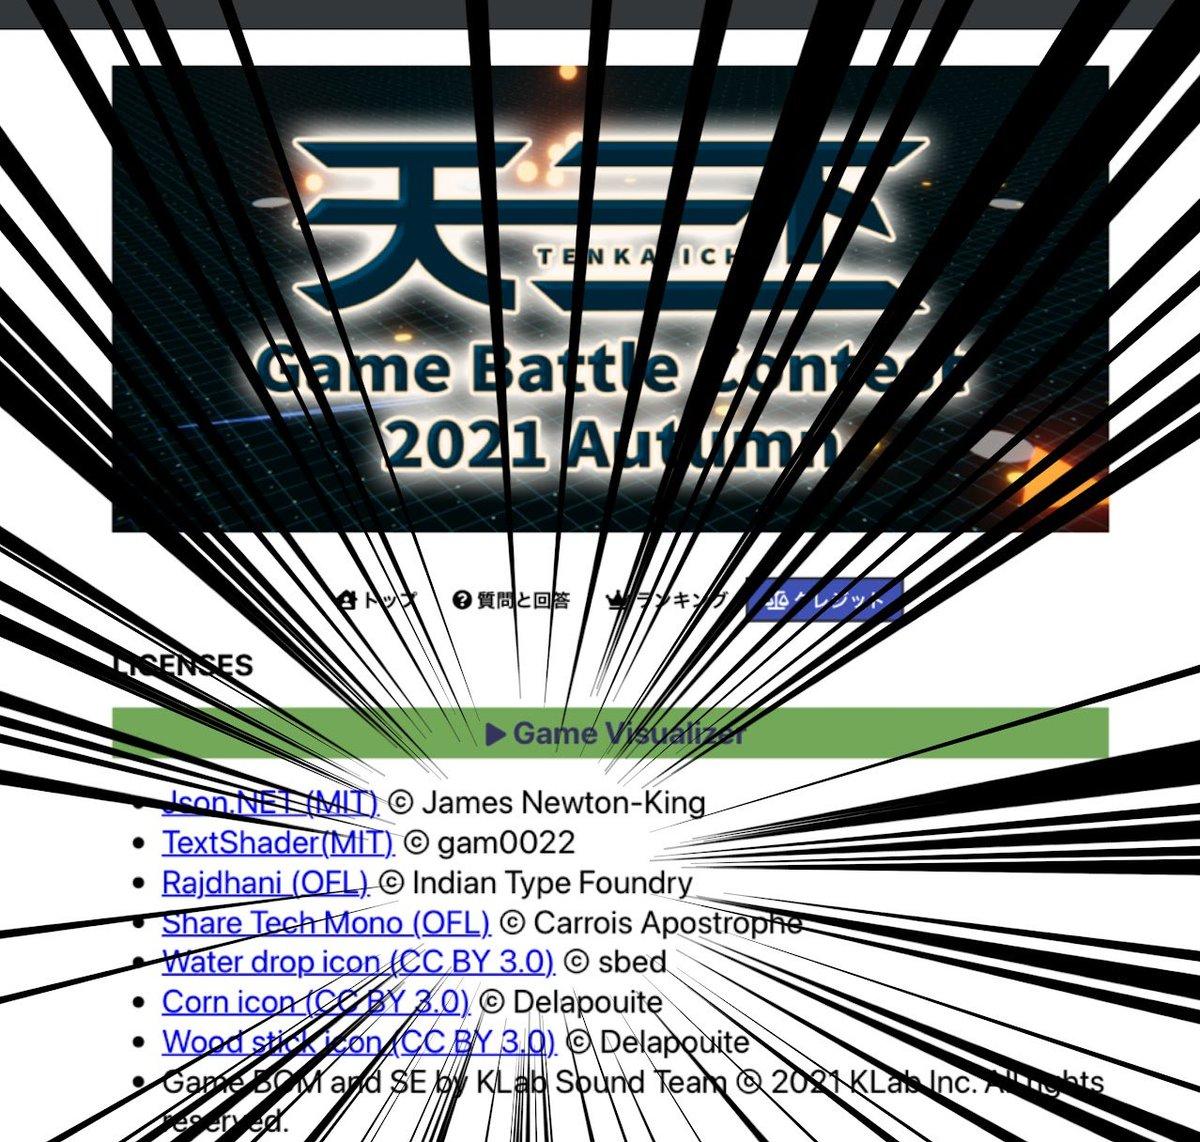 「天下一 Game Battle Contest 2021 Autumn」のビジュアライザーに私のシェーダーが使われていました。クレジットありがとうございます!!🙏利用されていた箇所はランキングが入れ替わる時のテキストのエフェクトですね。#klabtenka1